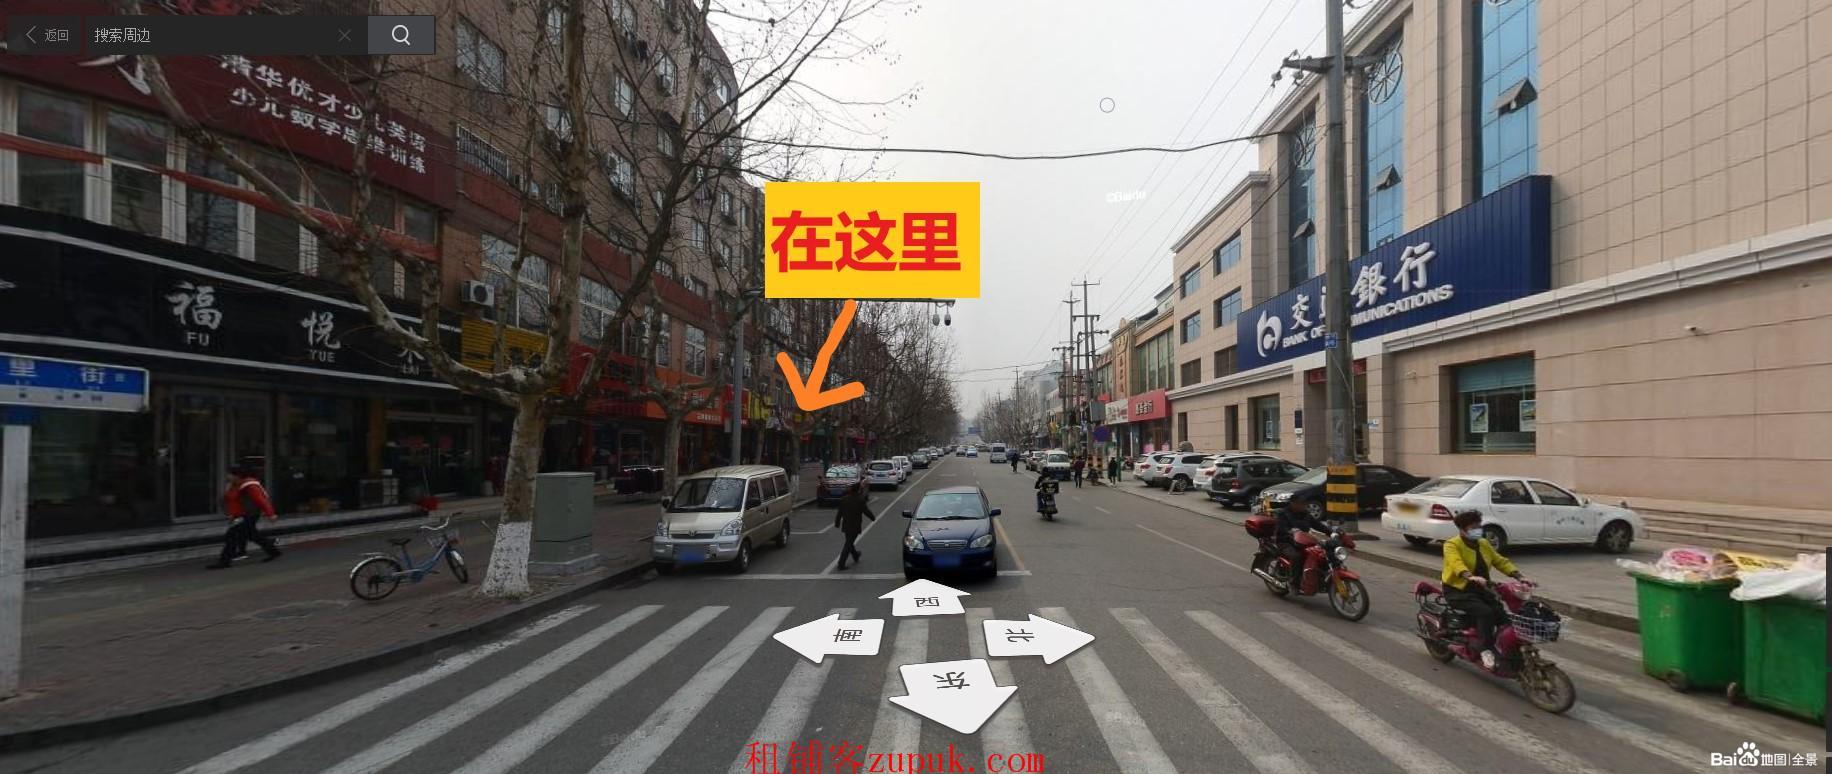 【福山区城里街】振华商厦附近-旺铺出租-带卫生间